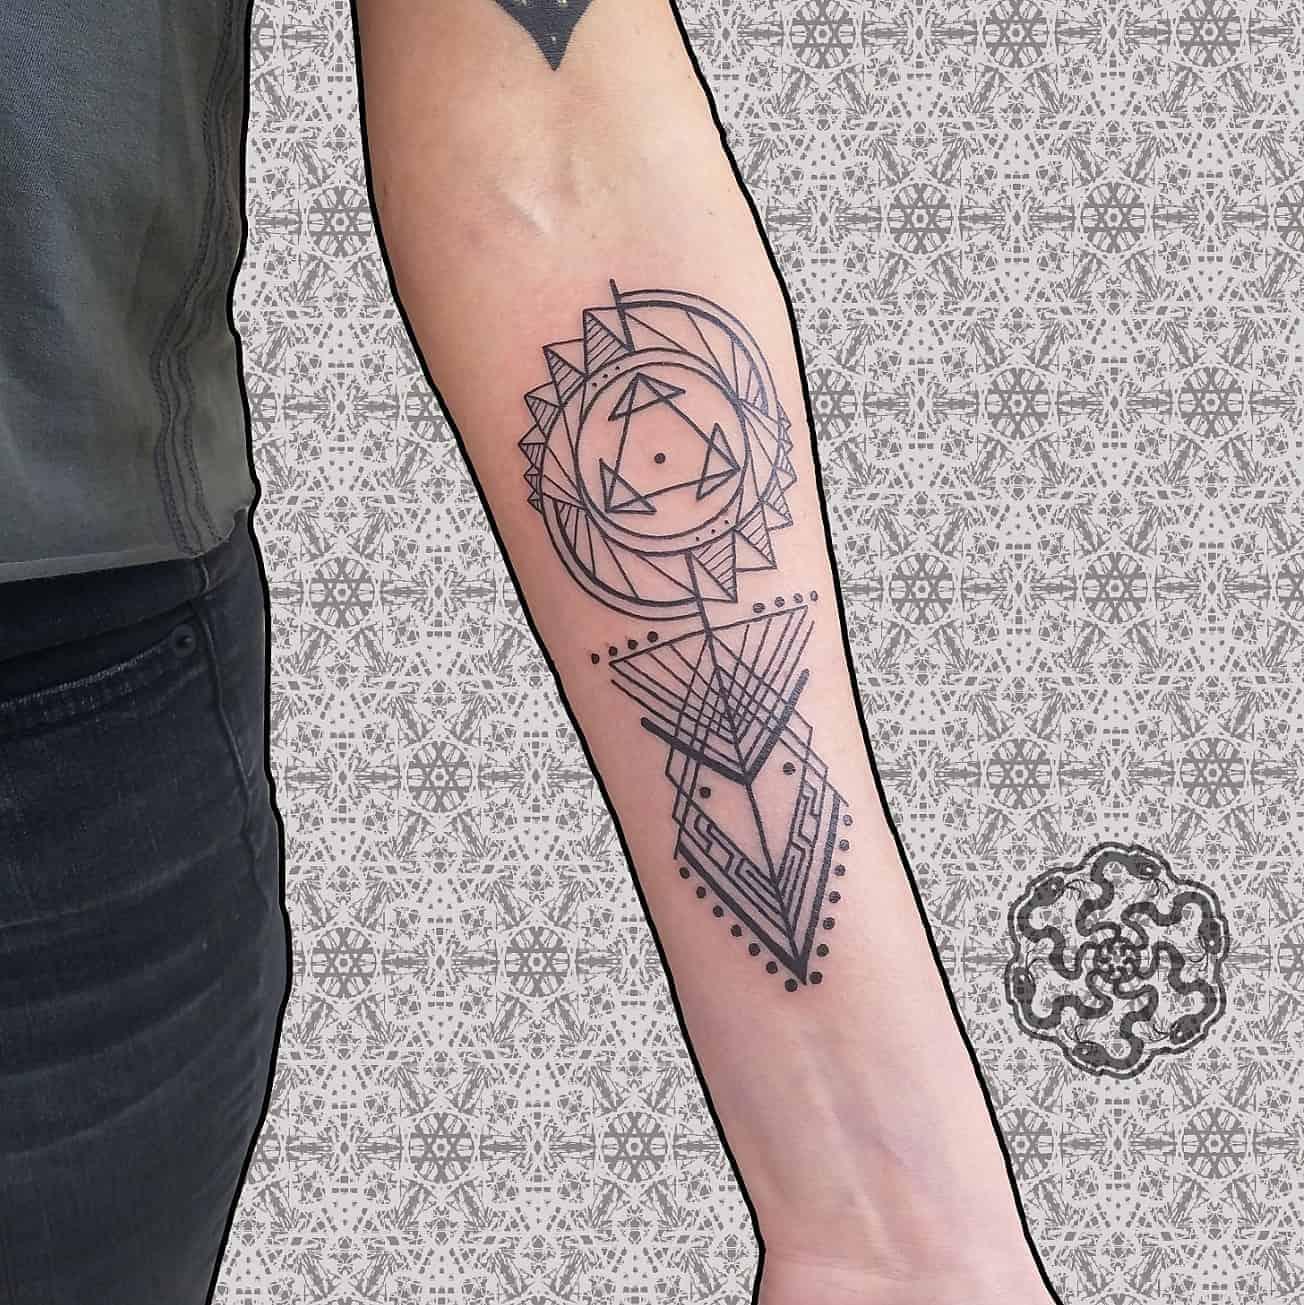 geometric minimalist tattoo on a forearm